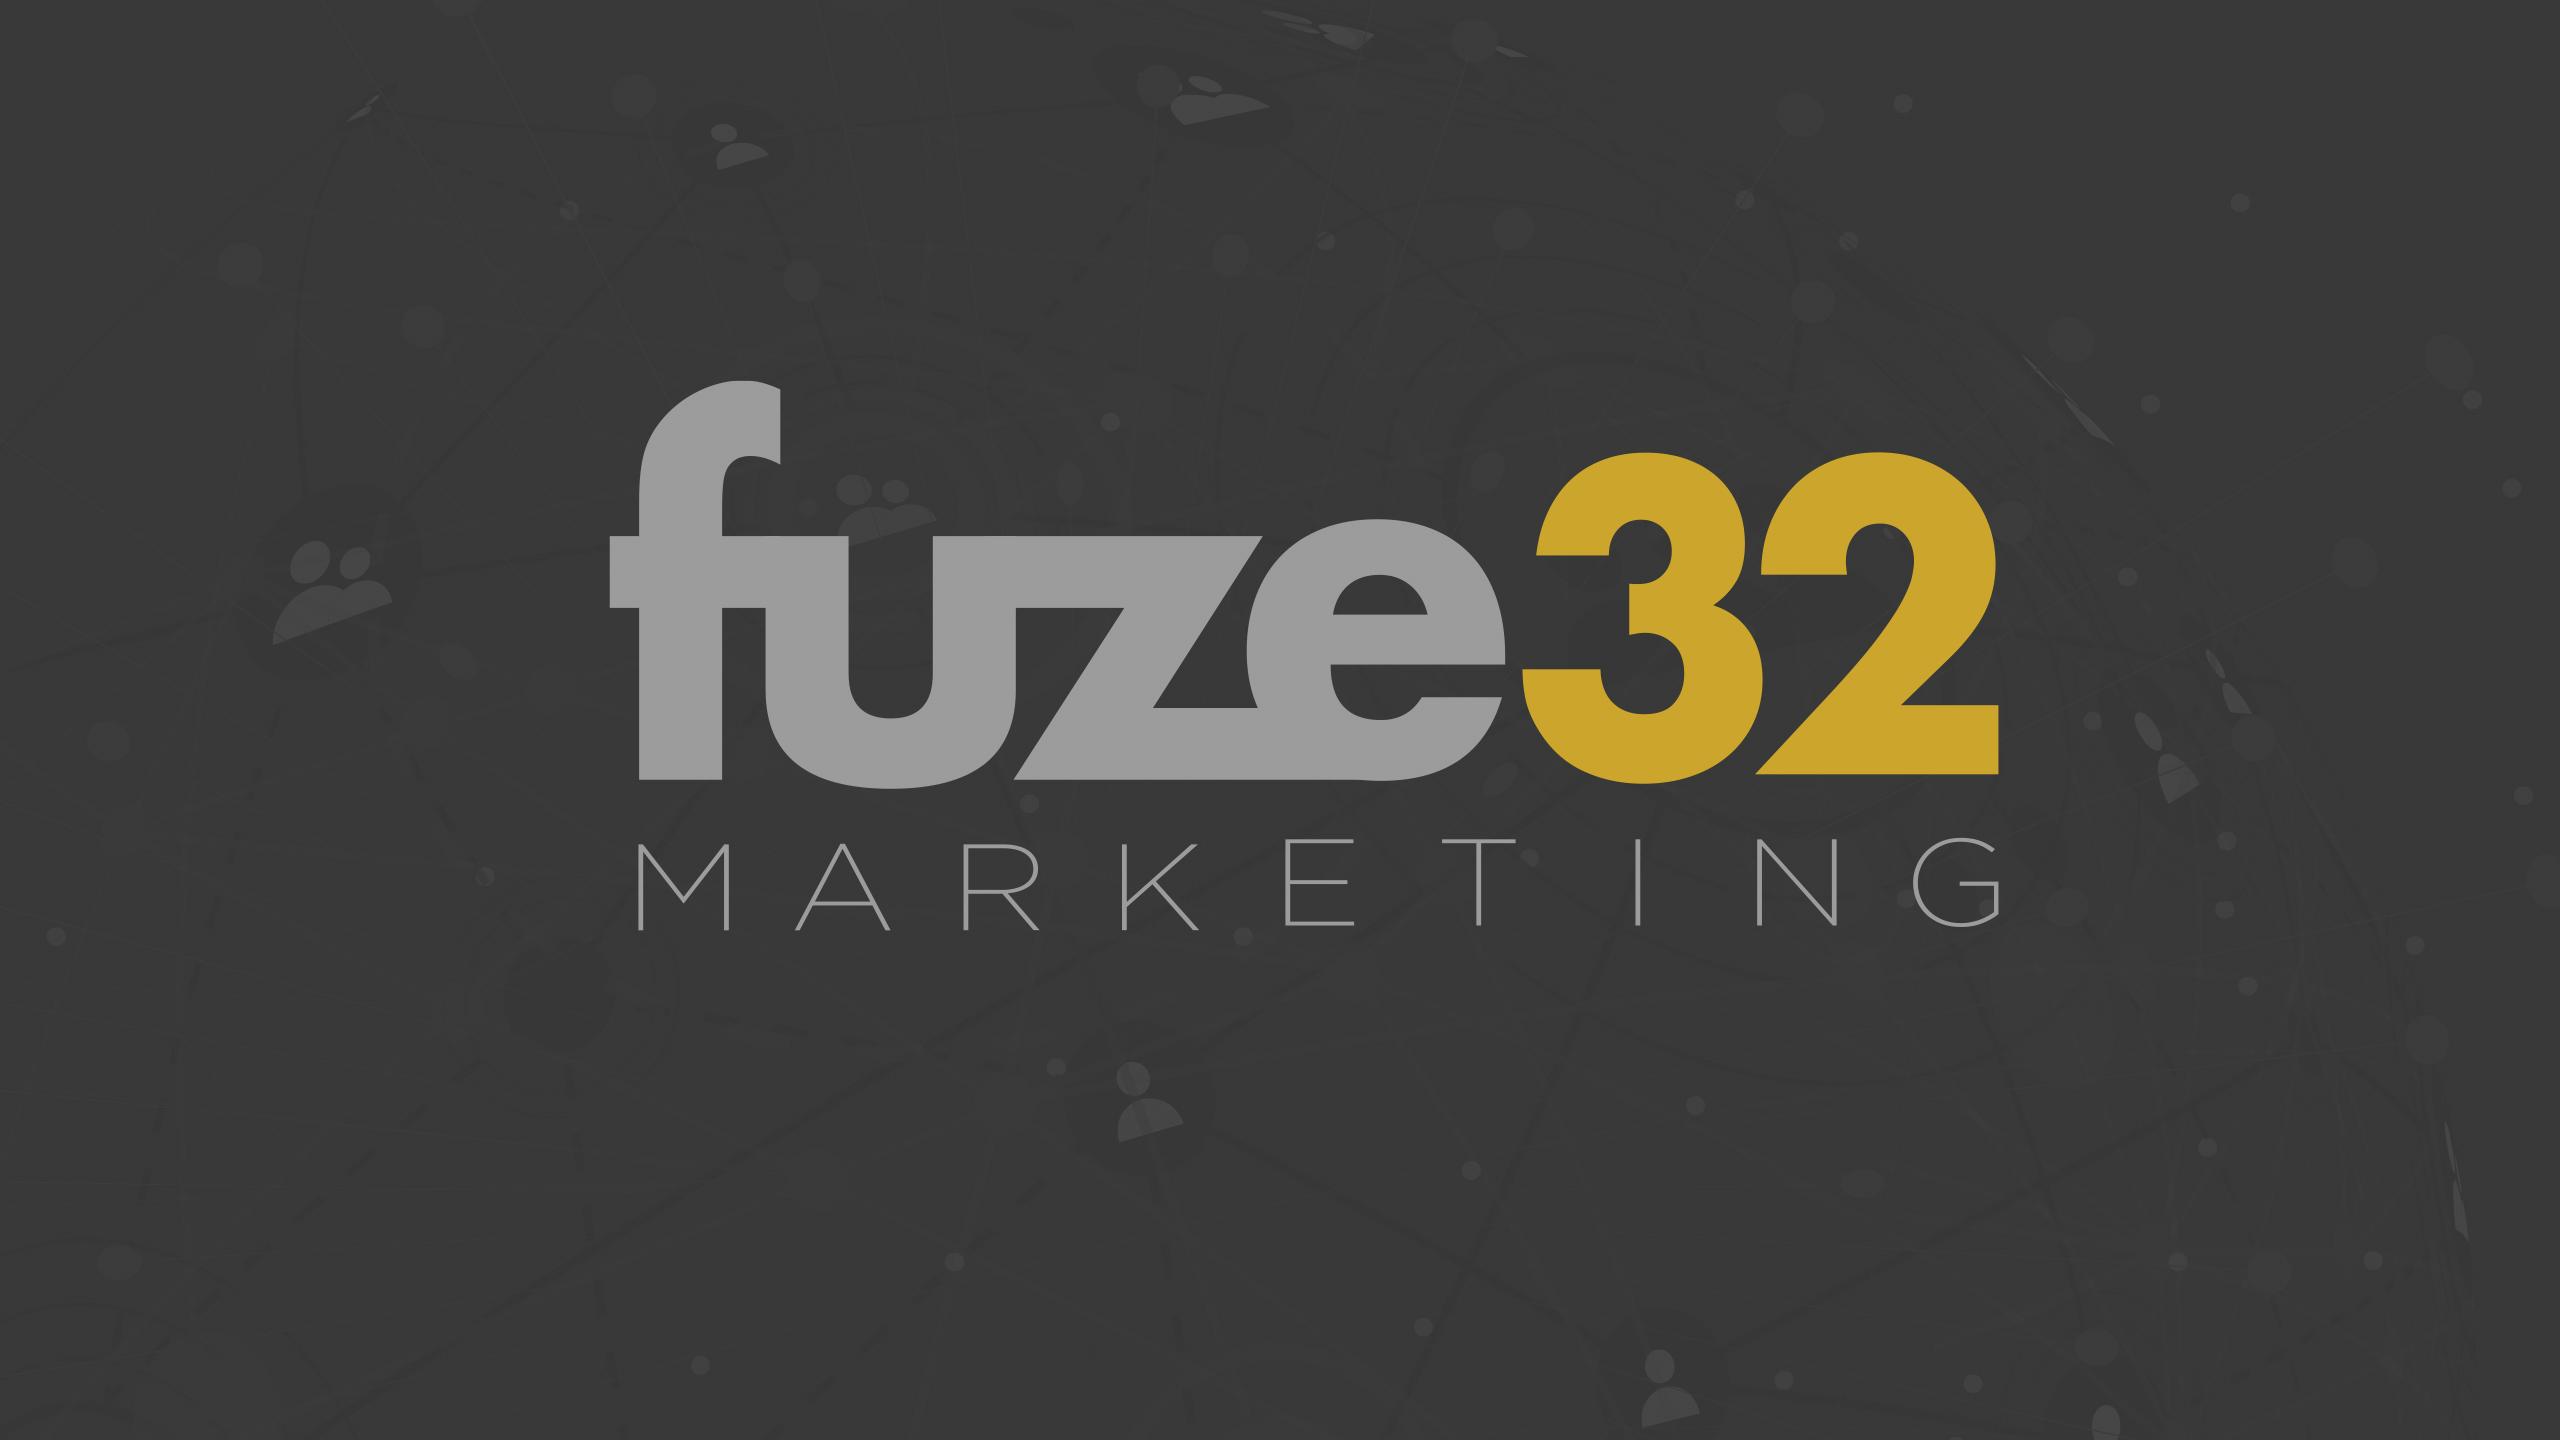 Why fuze32